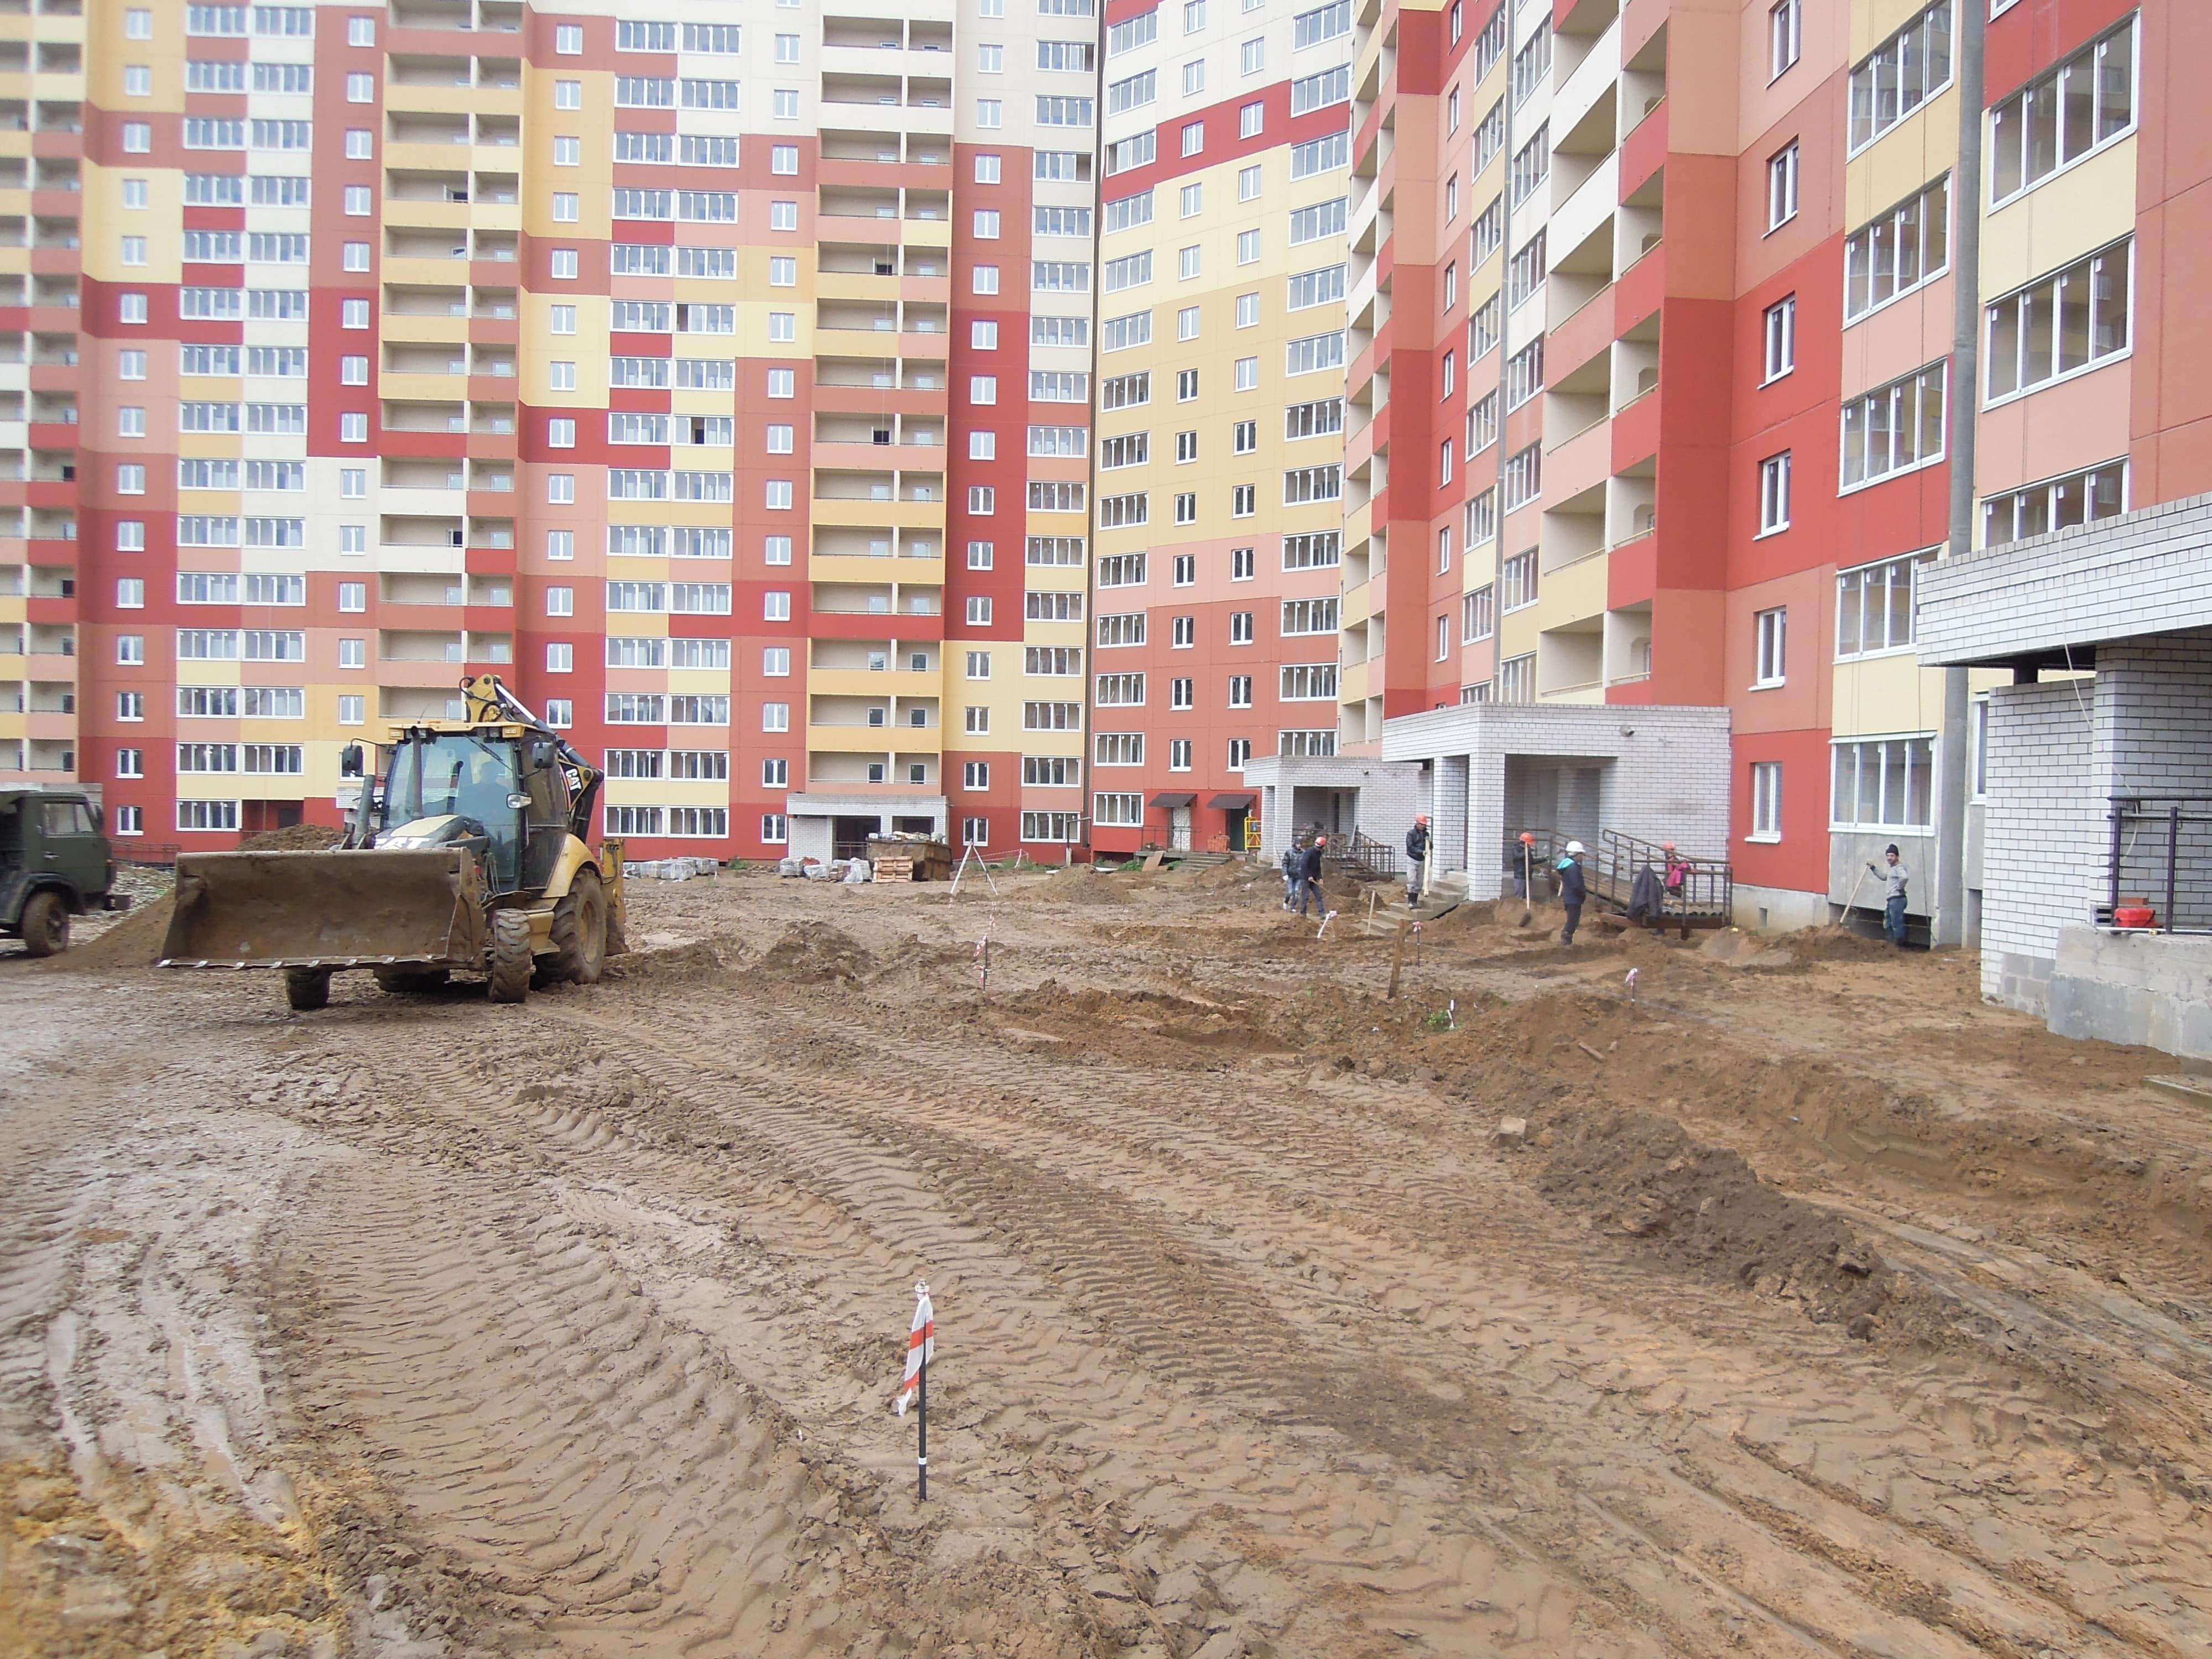 В ЖК Новые Островцы квартиры заканчиваются. Торопитесь купить!